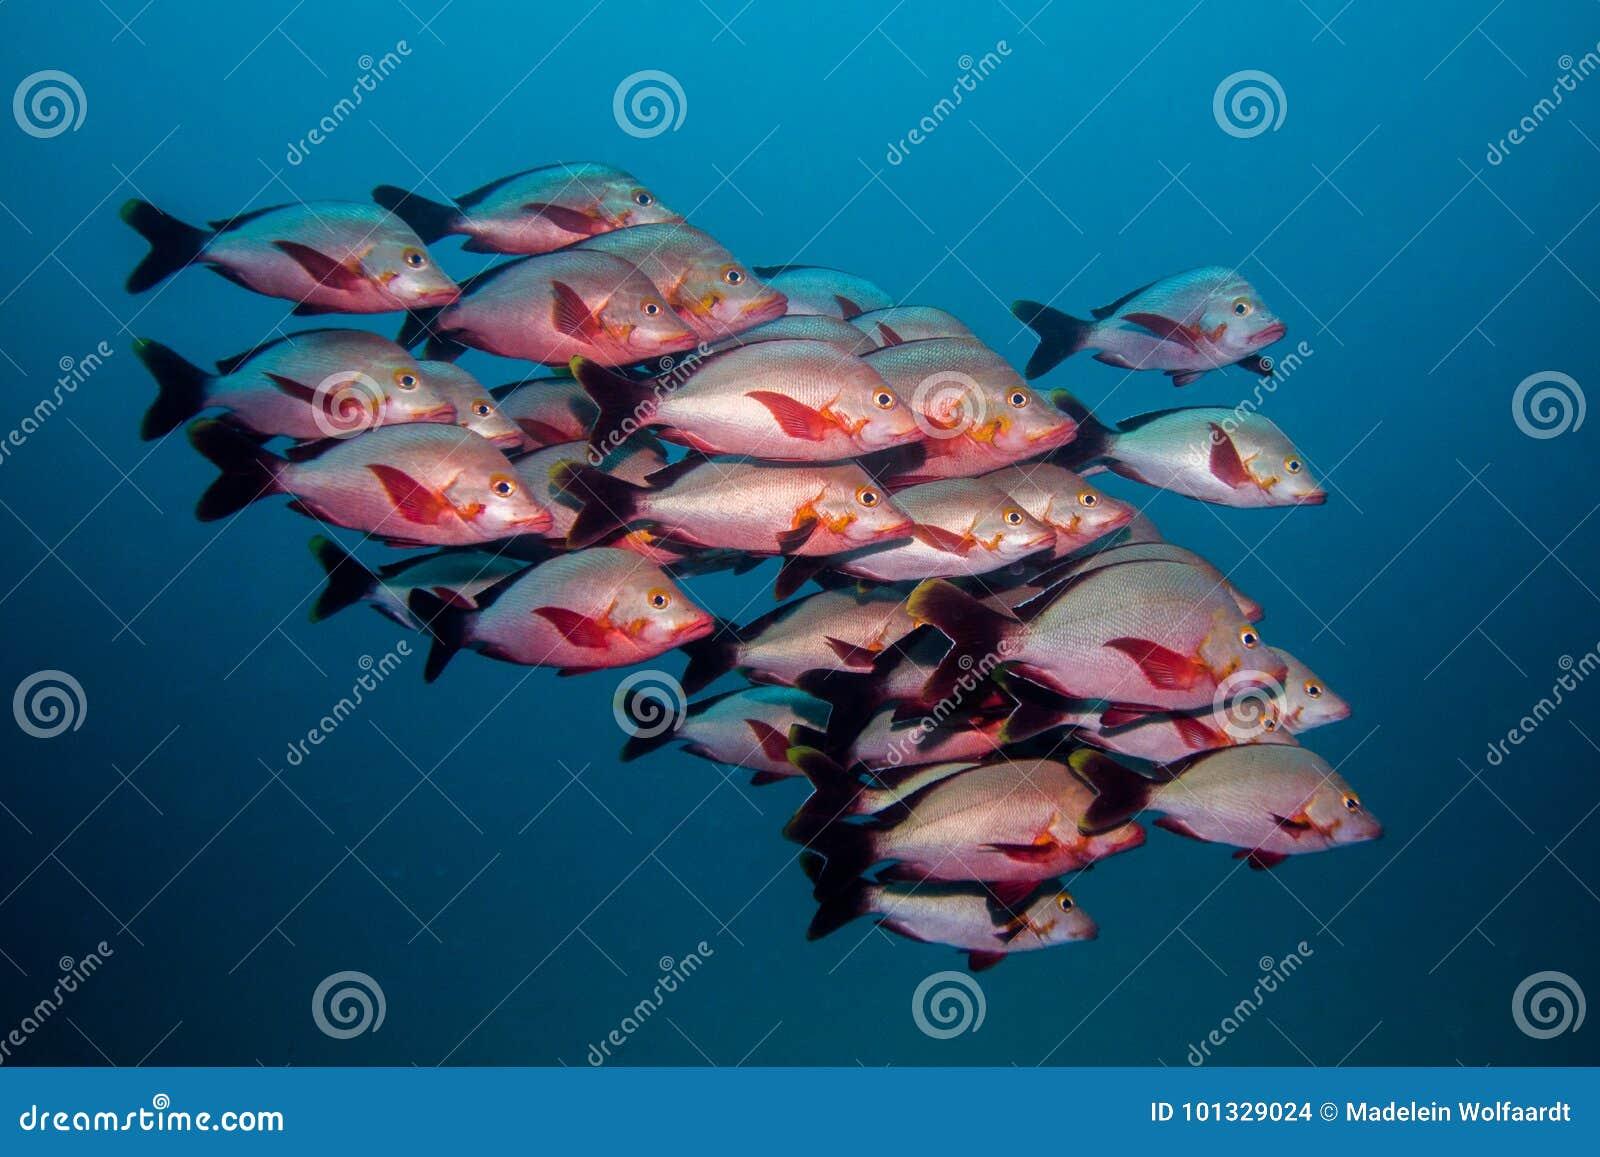 Skolan av puckelryggSnapper fiskar simning i öppet vatten tillsammans